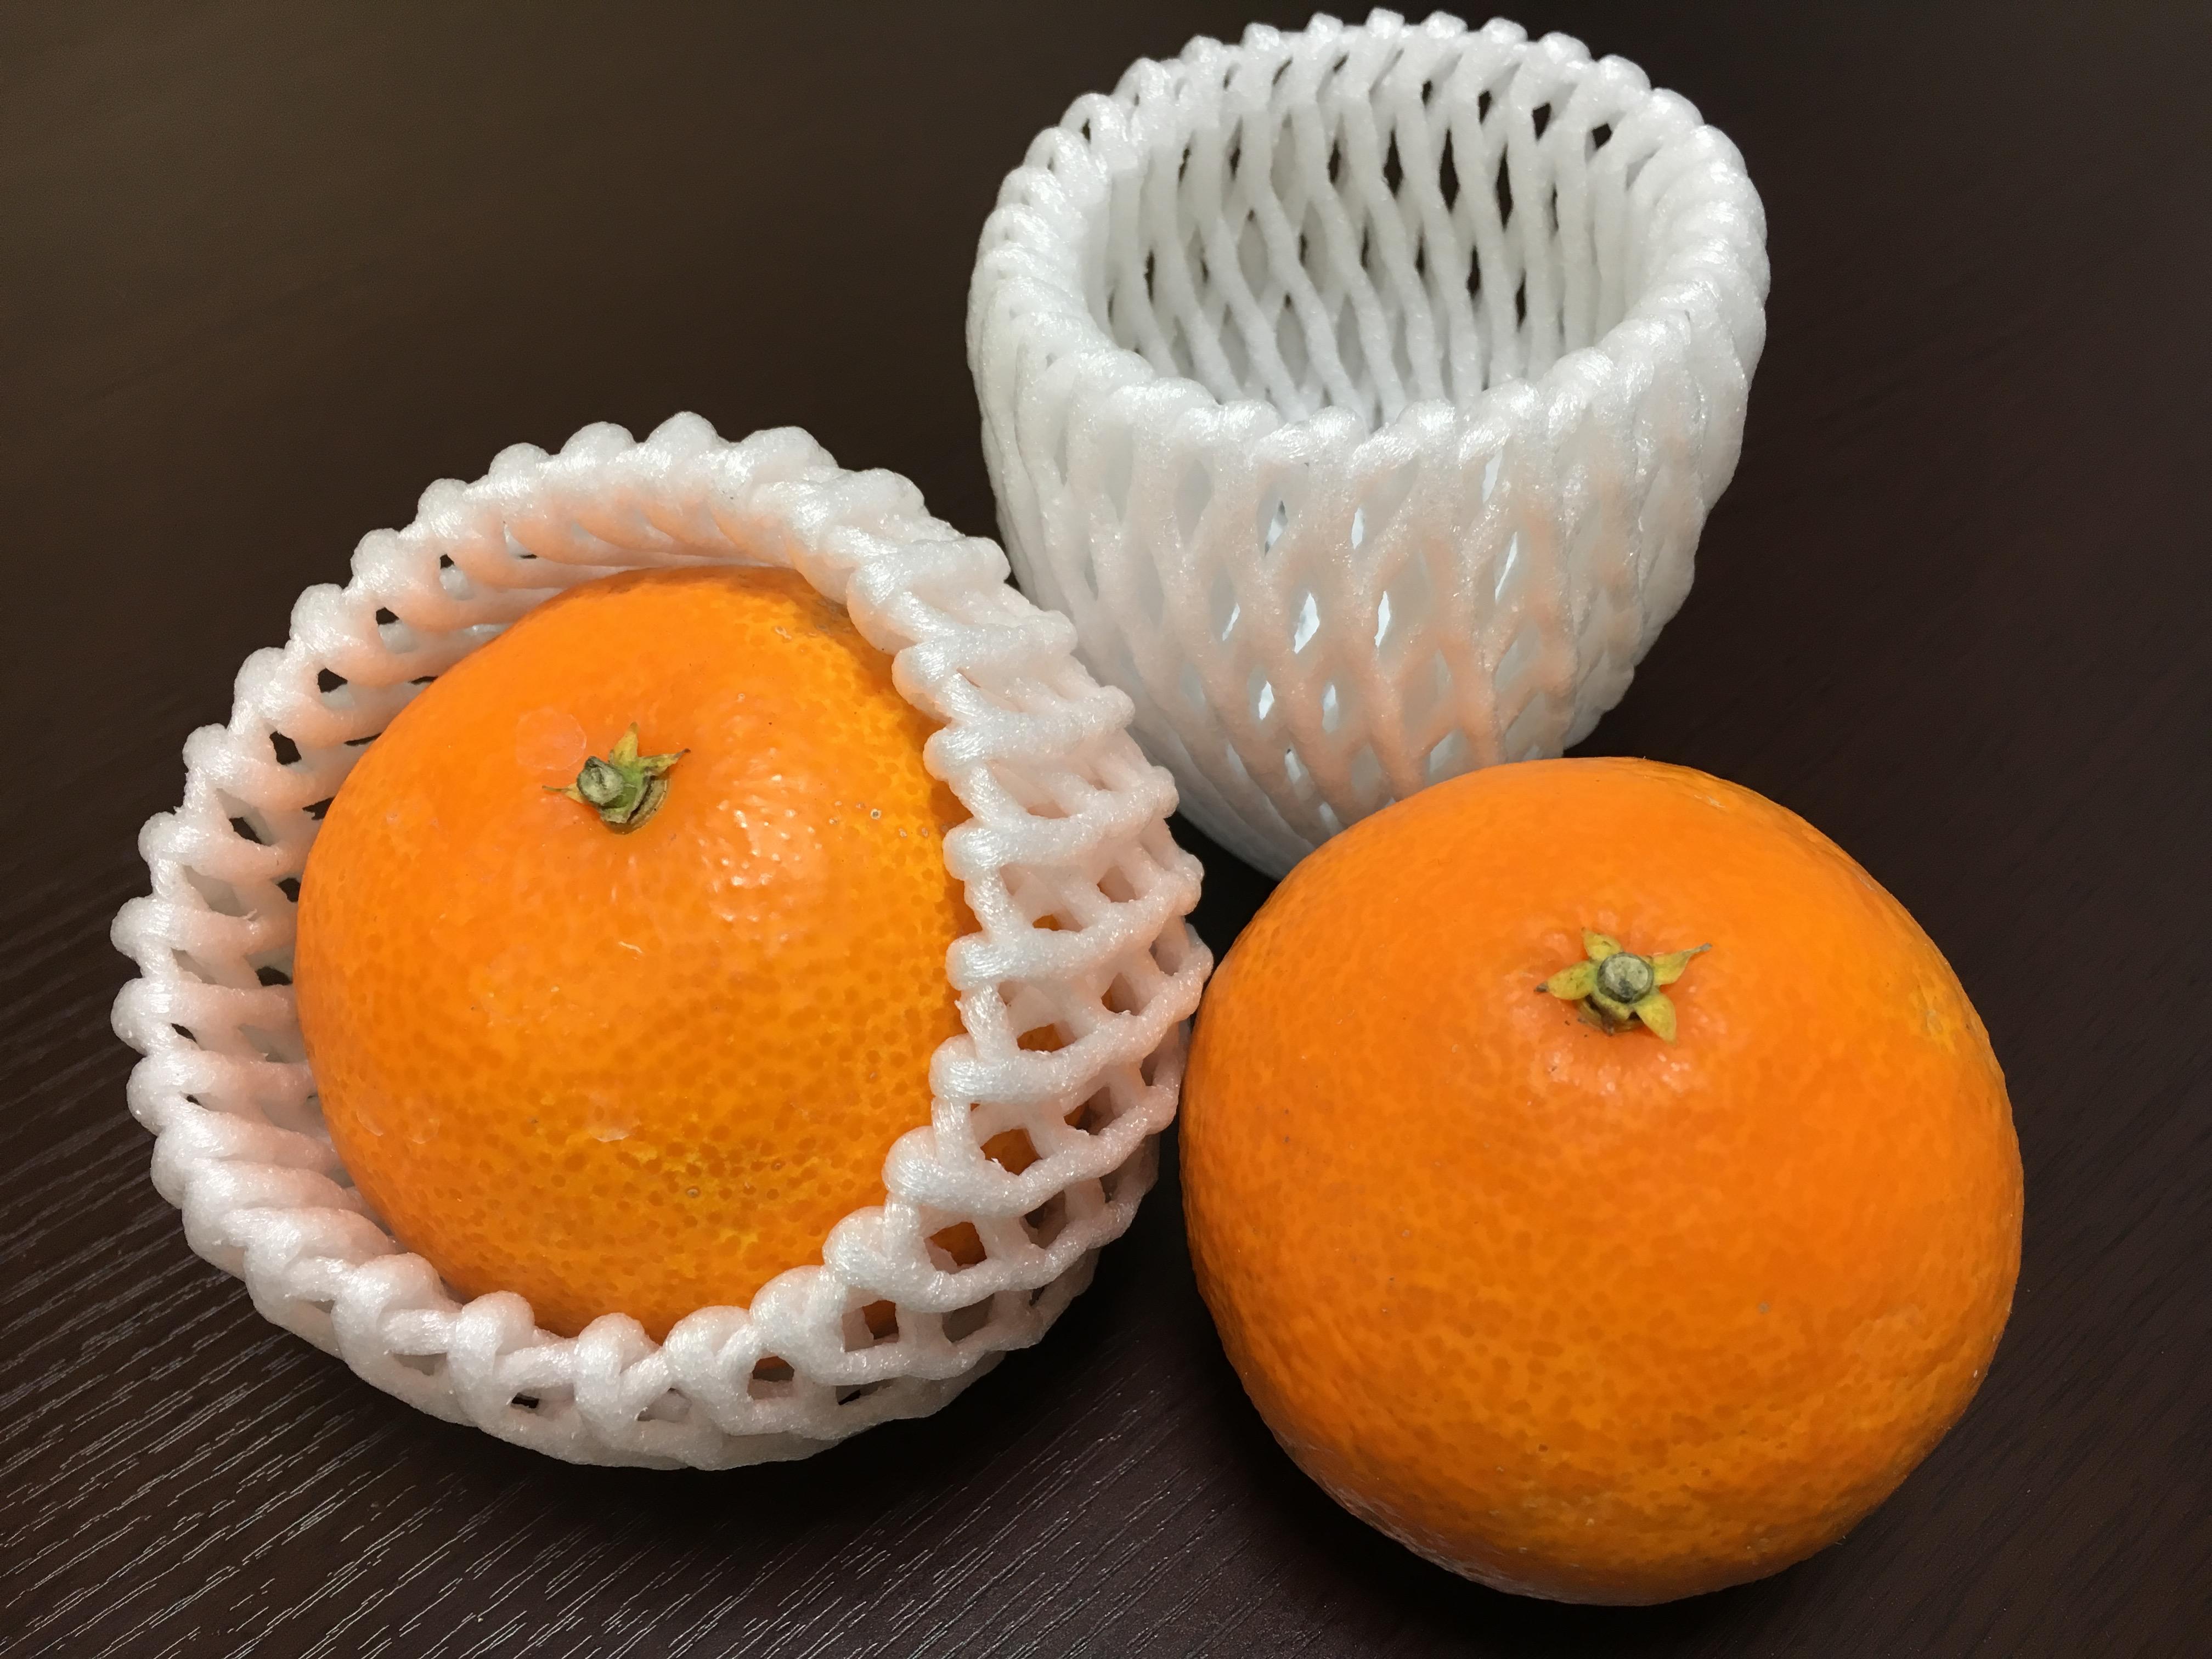 【3時のおやつ】柑橘系の香りでリラックス!